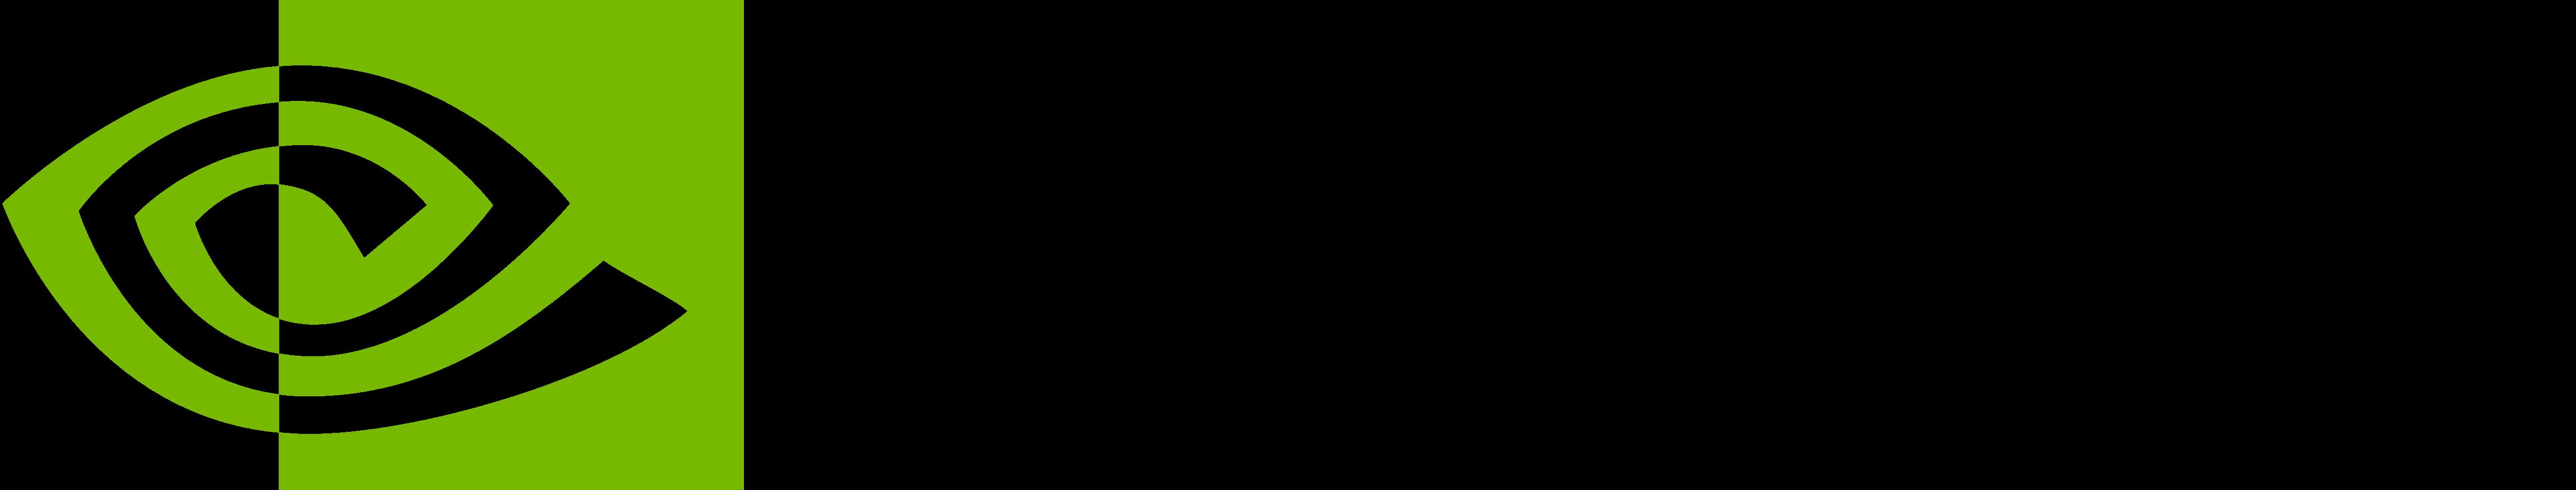 מכירת מוצרי מותג NVIDIA מ ₪787 בחנות מקוונת TopMarket ישראל.